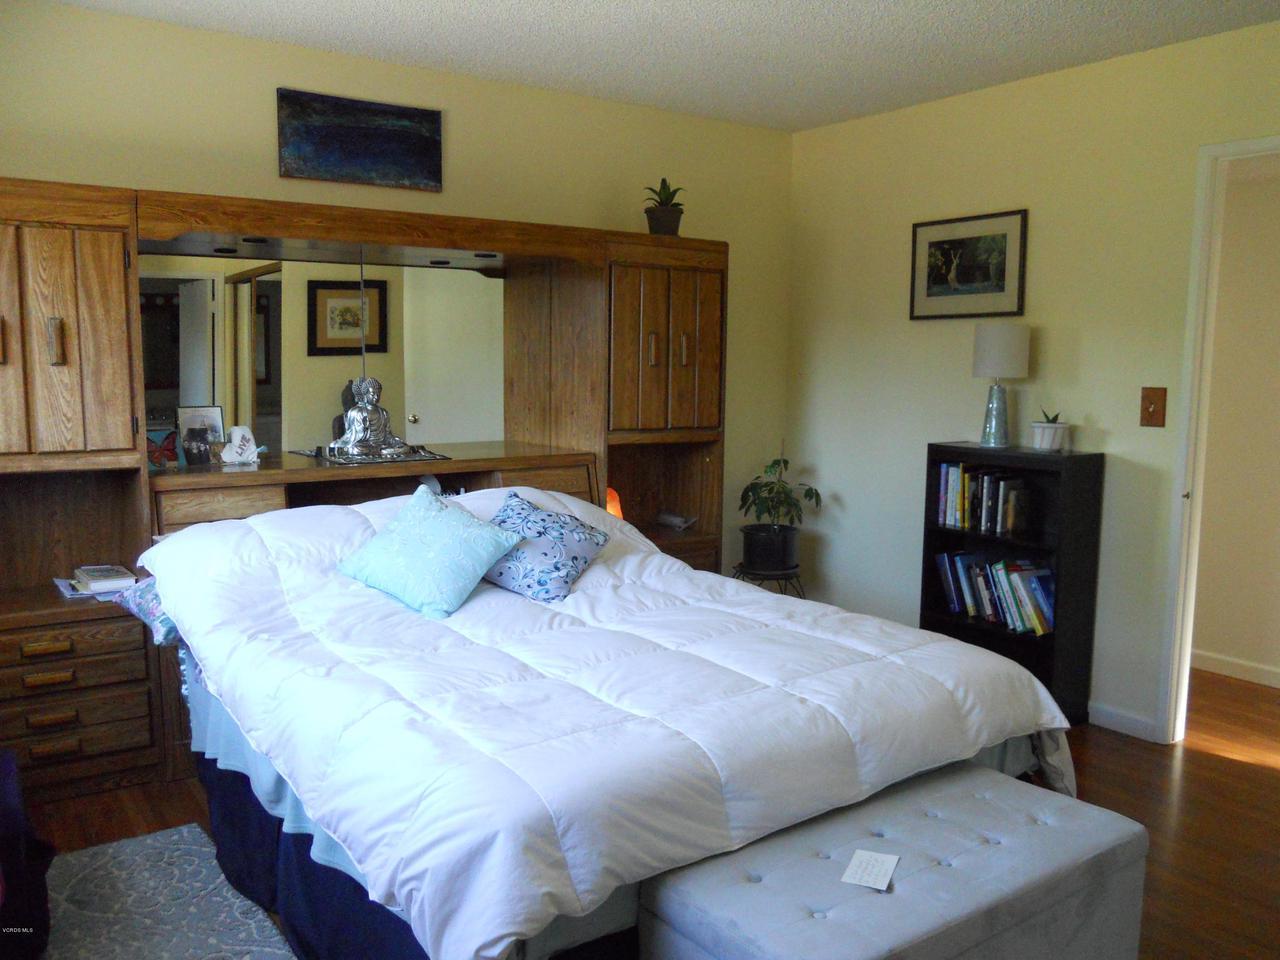 1207 SEYBOLT, Camarillo, CA 93010 - Master Bedroom